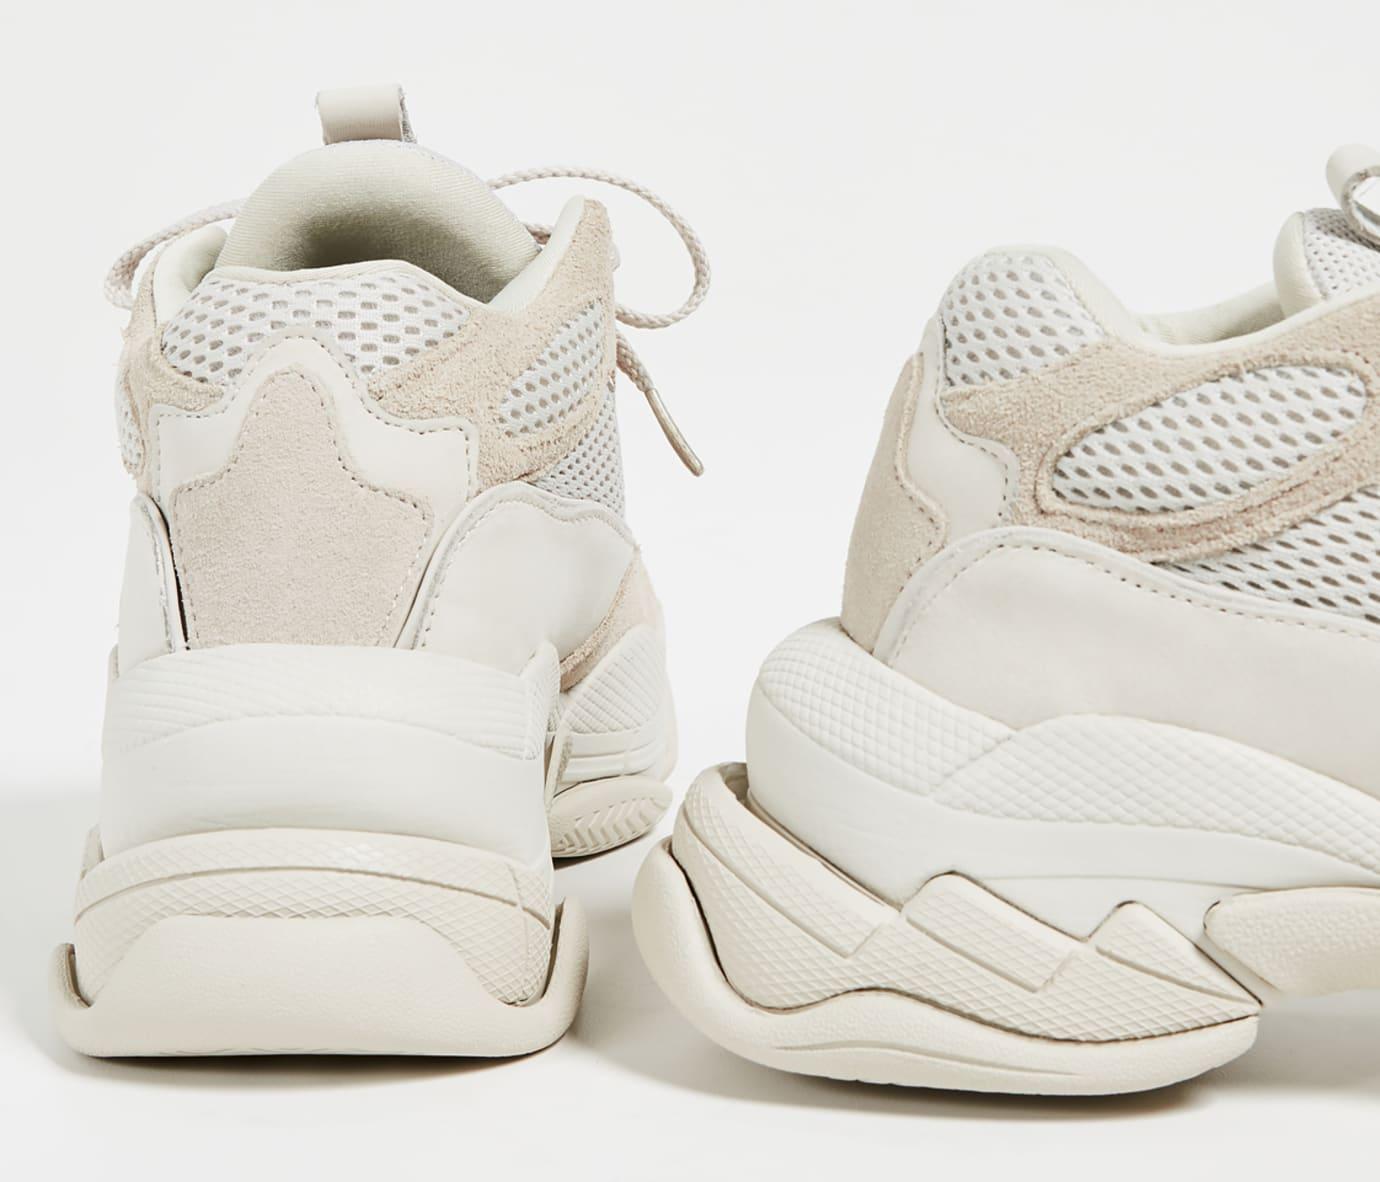 Jeffery Campbell Hotline Dad Sneakers (Heel)